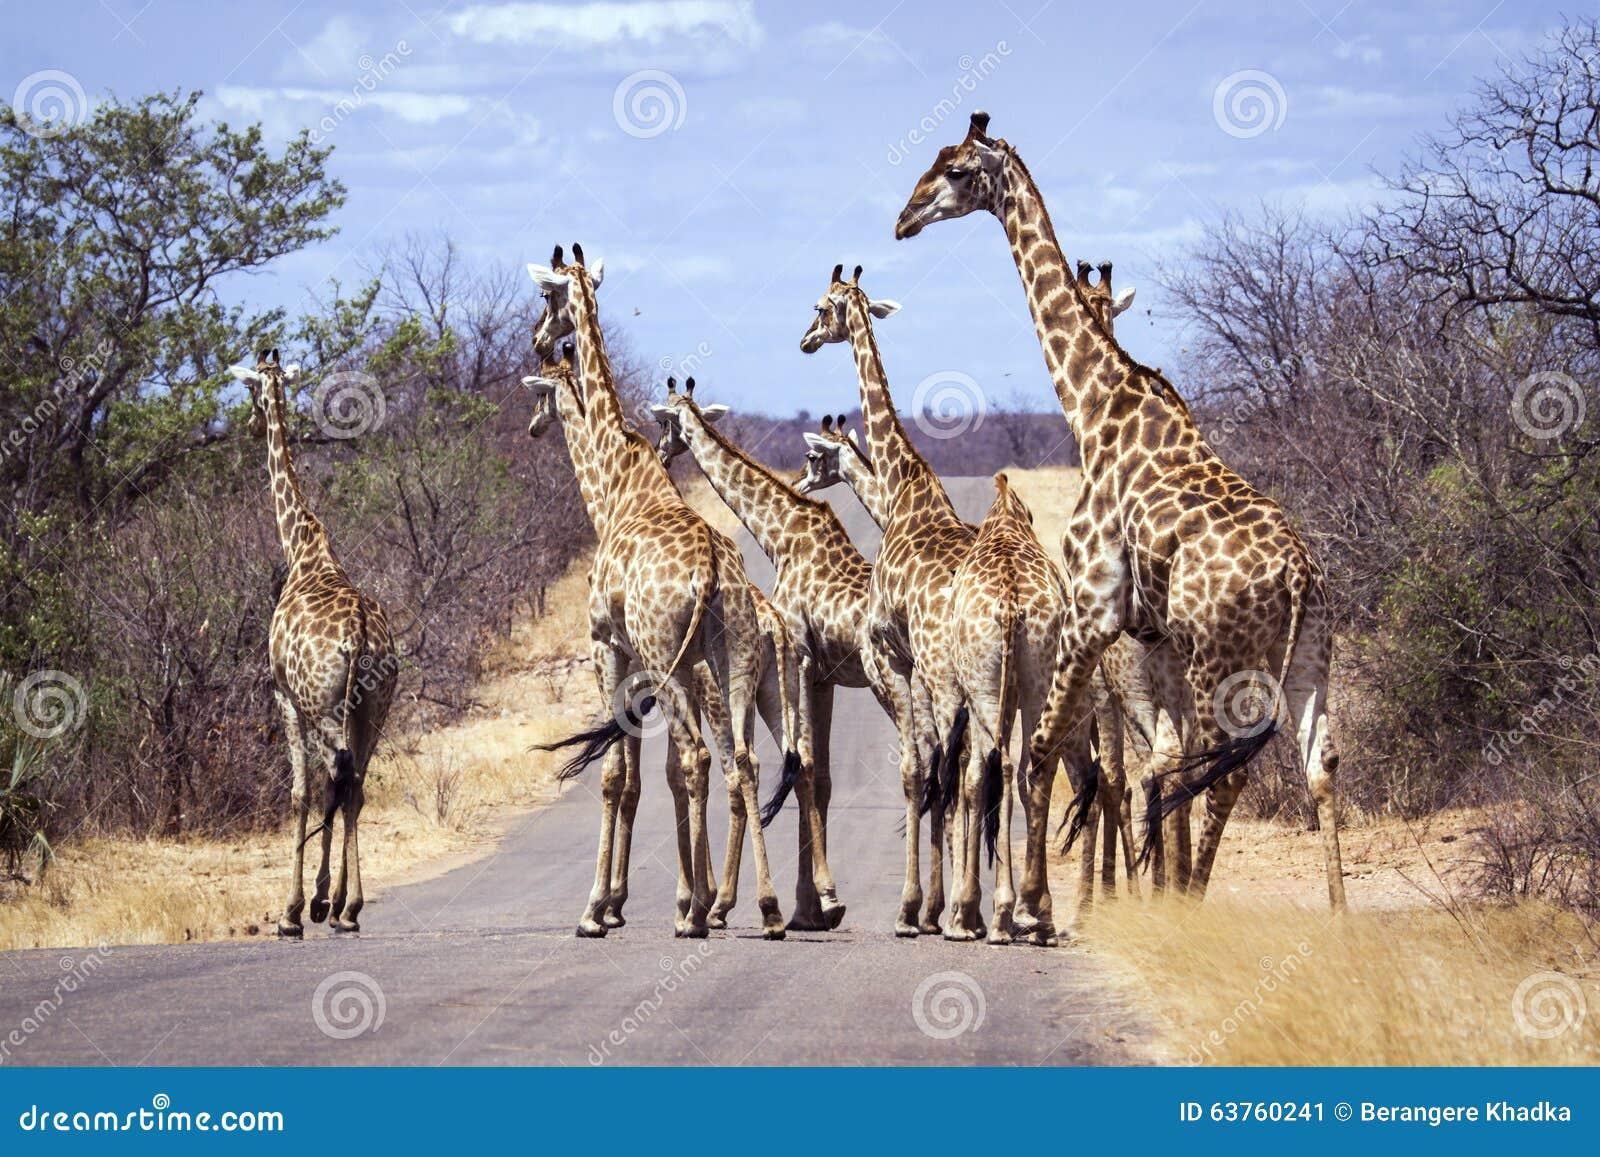 Große Gruppe Giraffen in Nationalpark Kruger, Südafrika